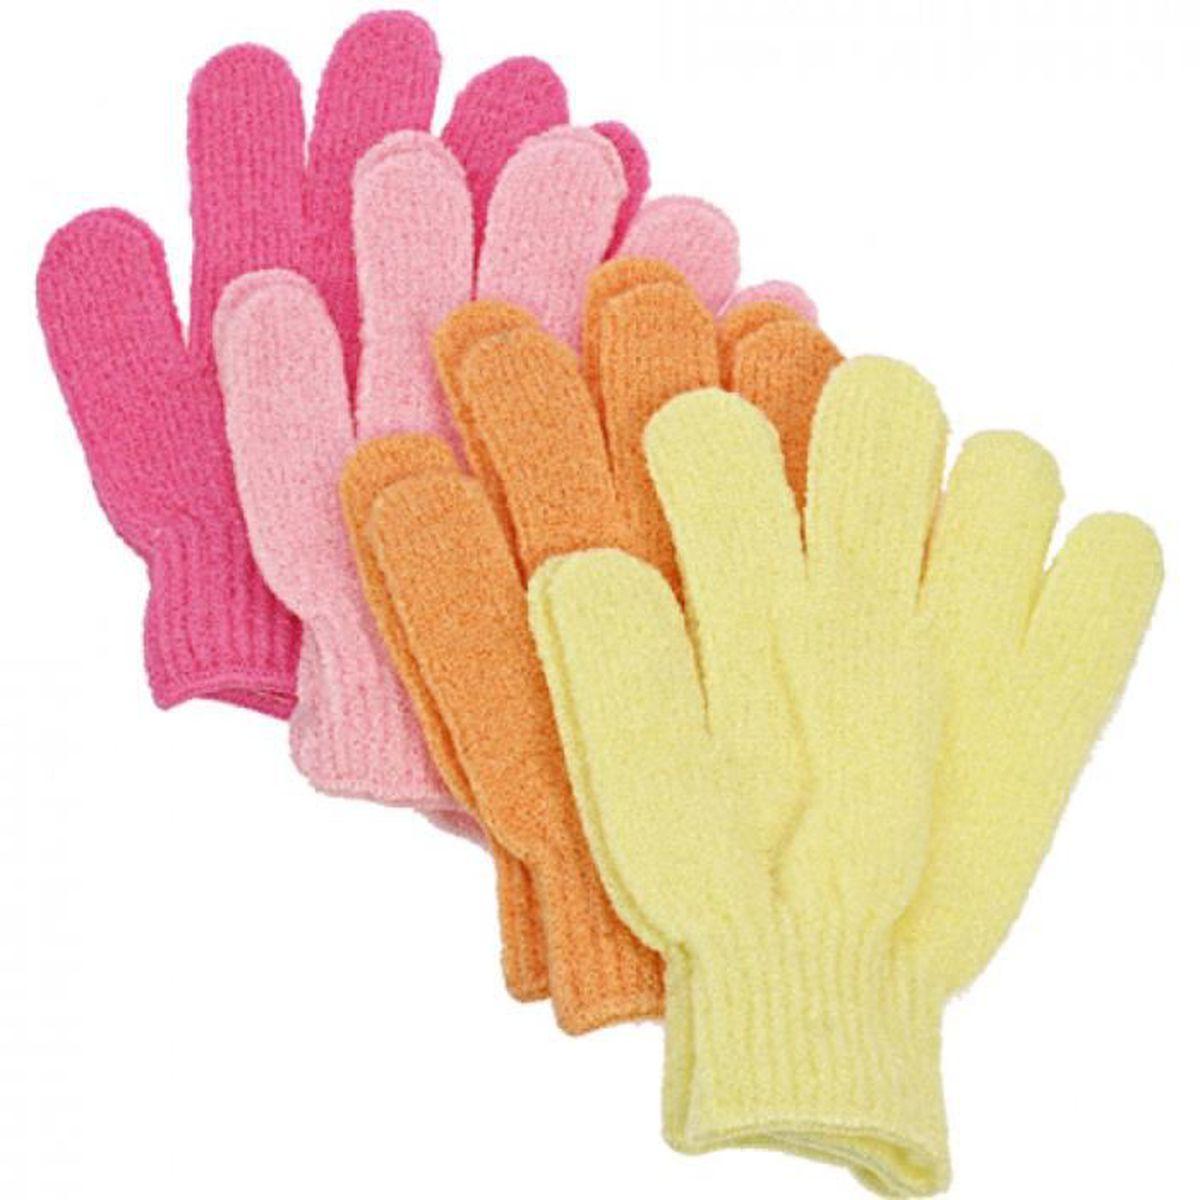 GANT DE TOILETTE Lot revendeur 10X Paire de gants de bain exfoliant